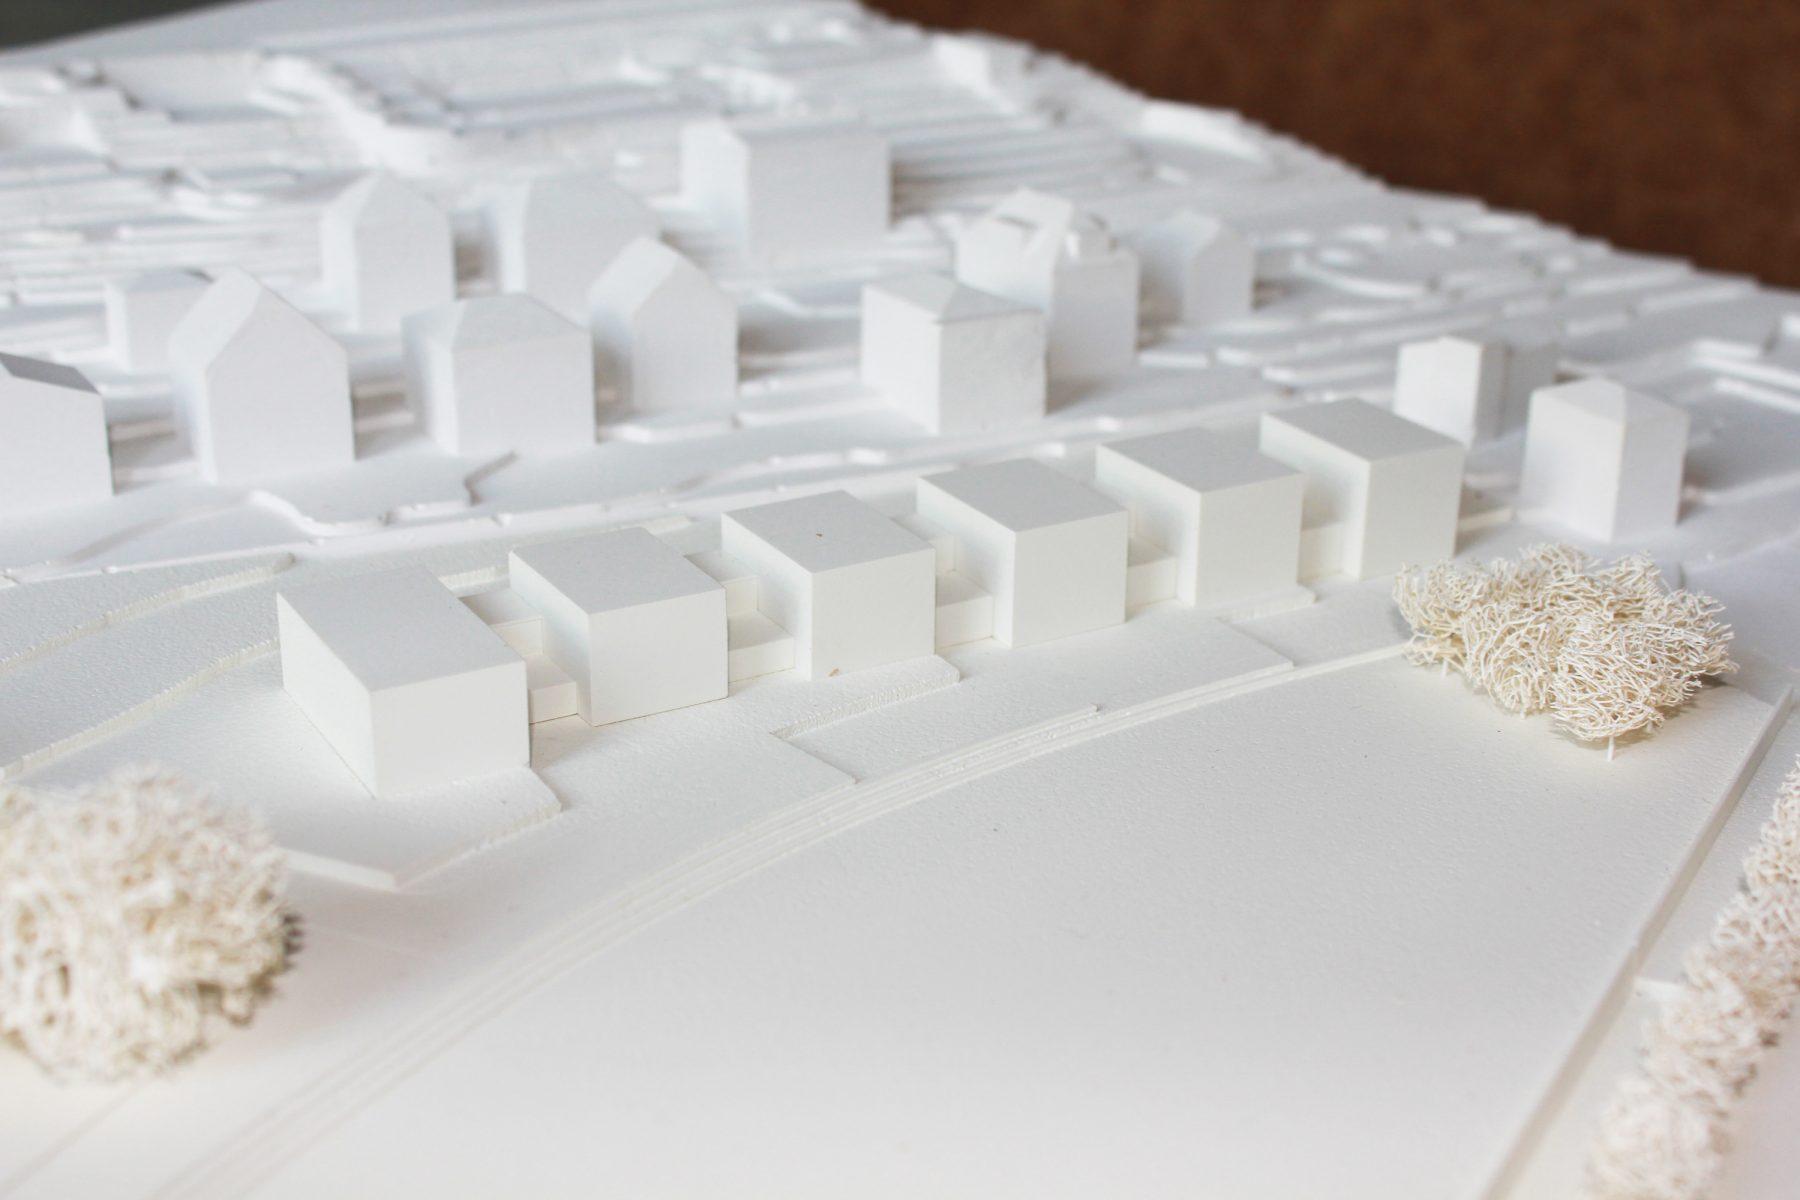 maquette-alpes-4-logements